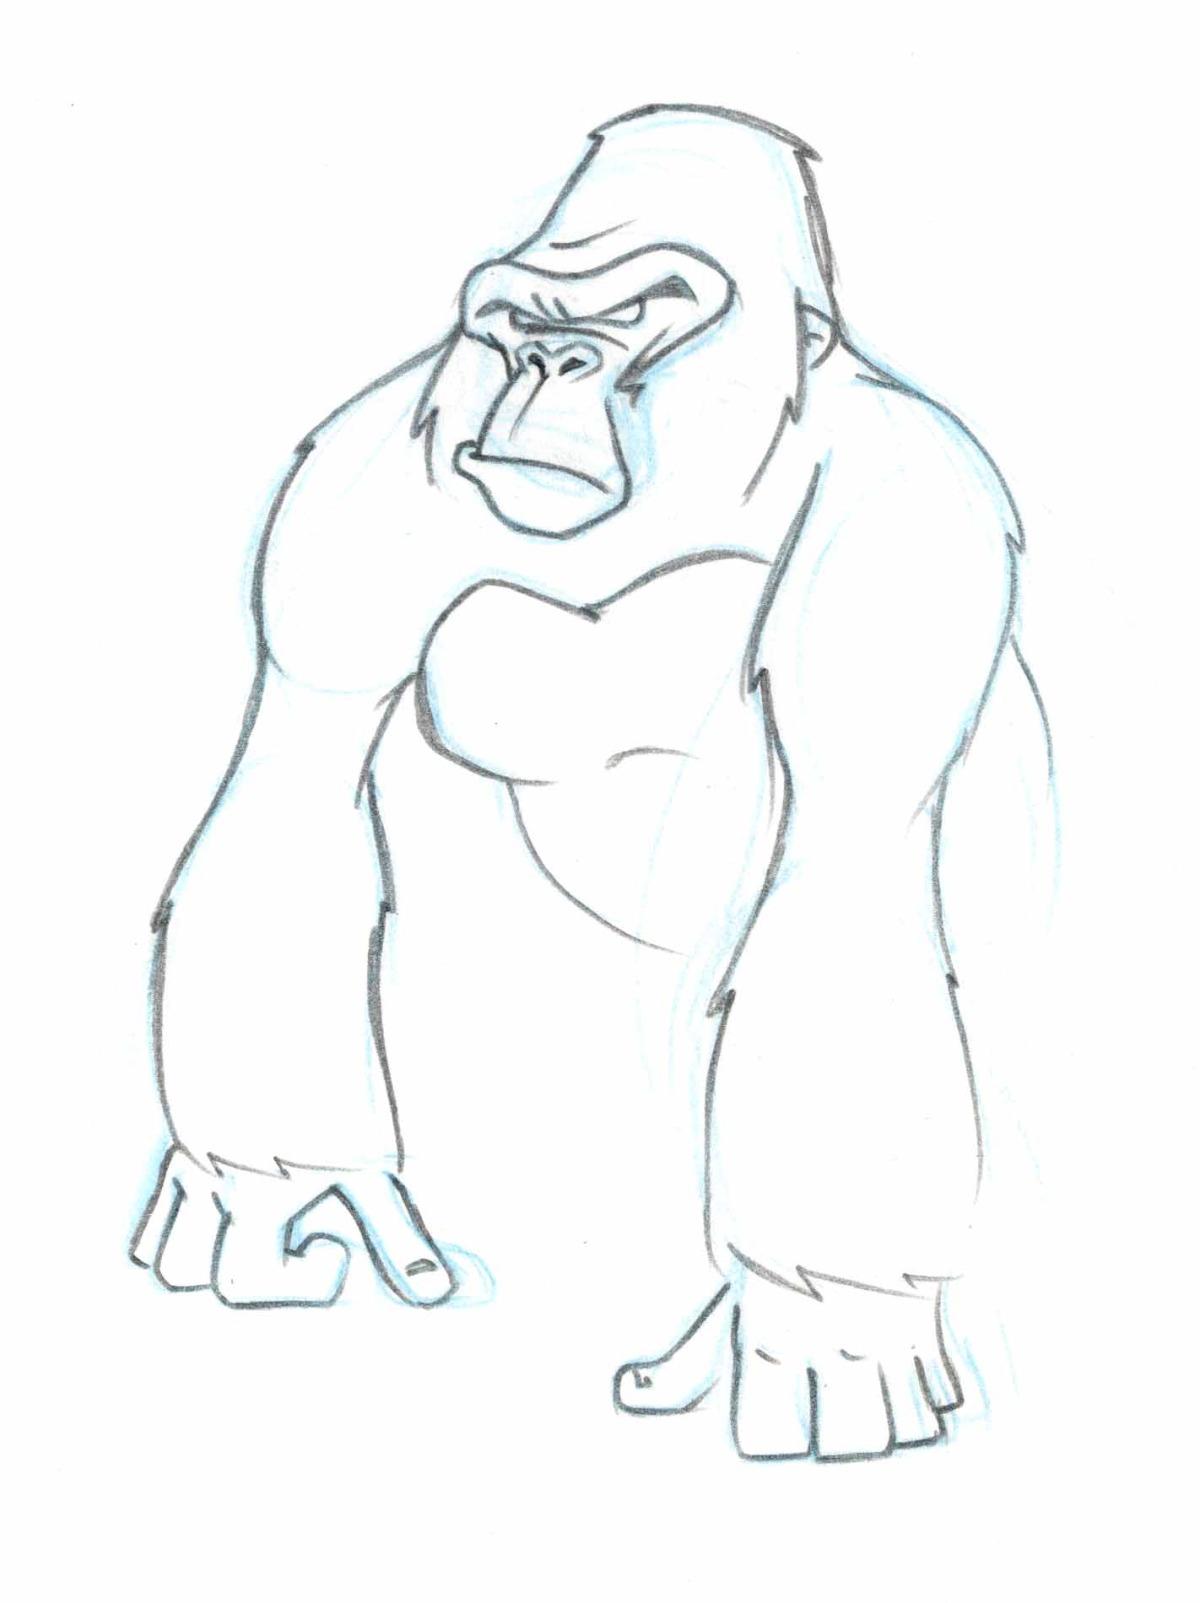 antcreations_gorillatubssketches10.jpg